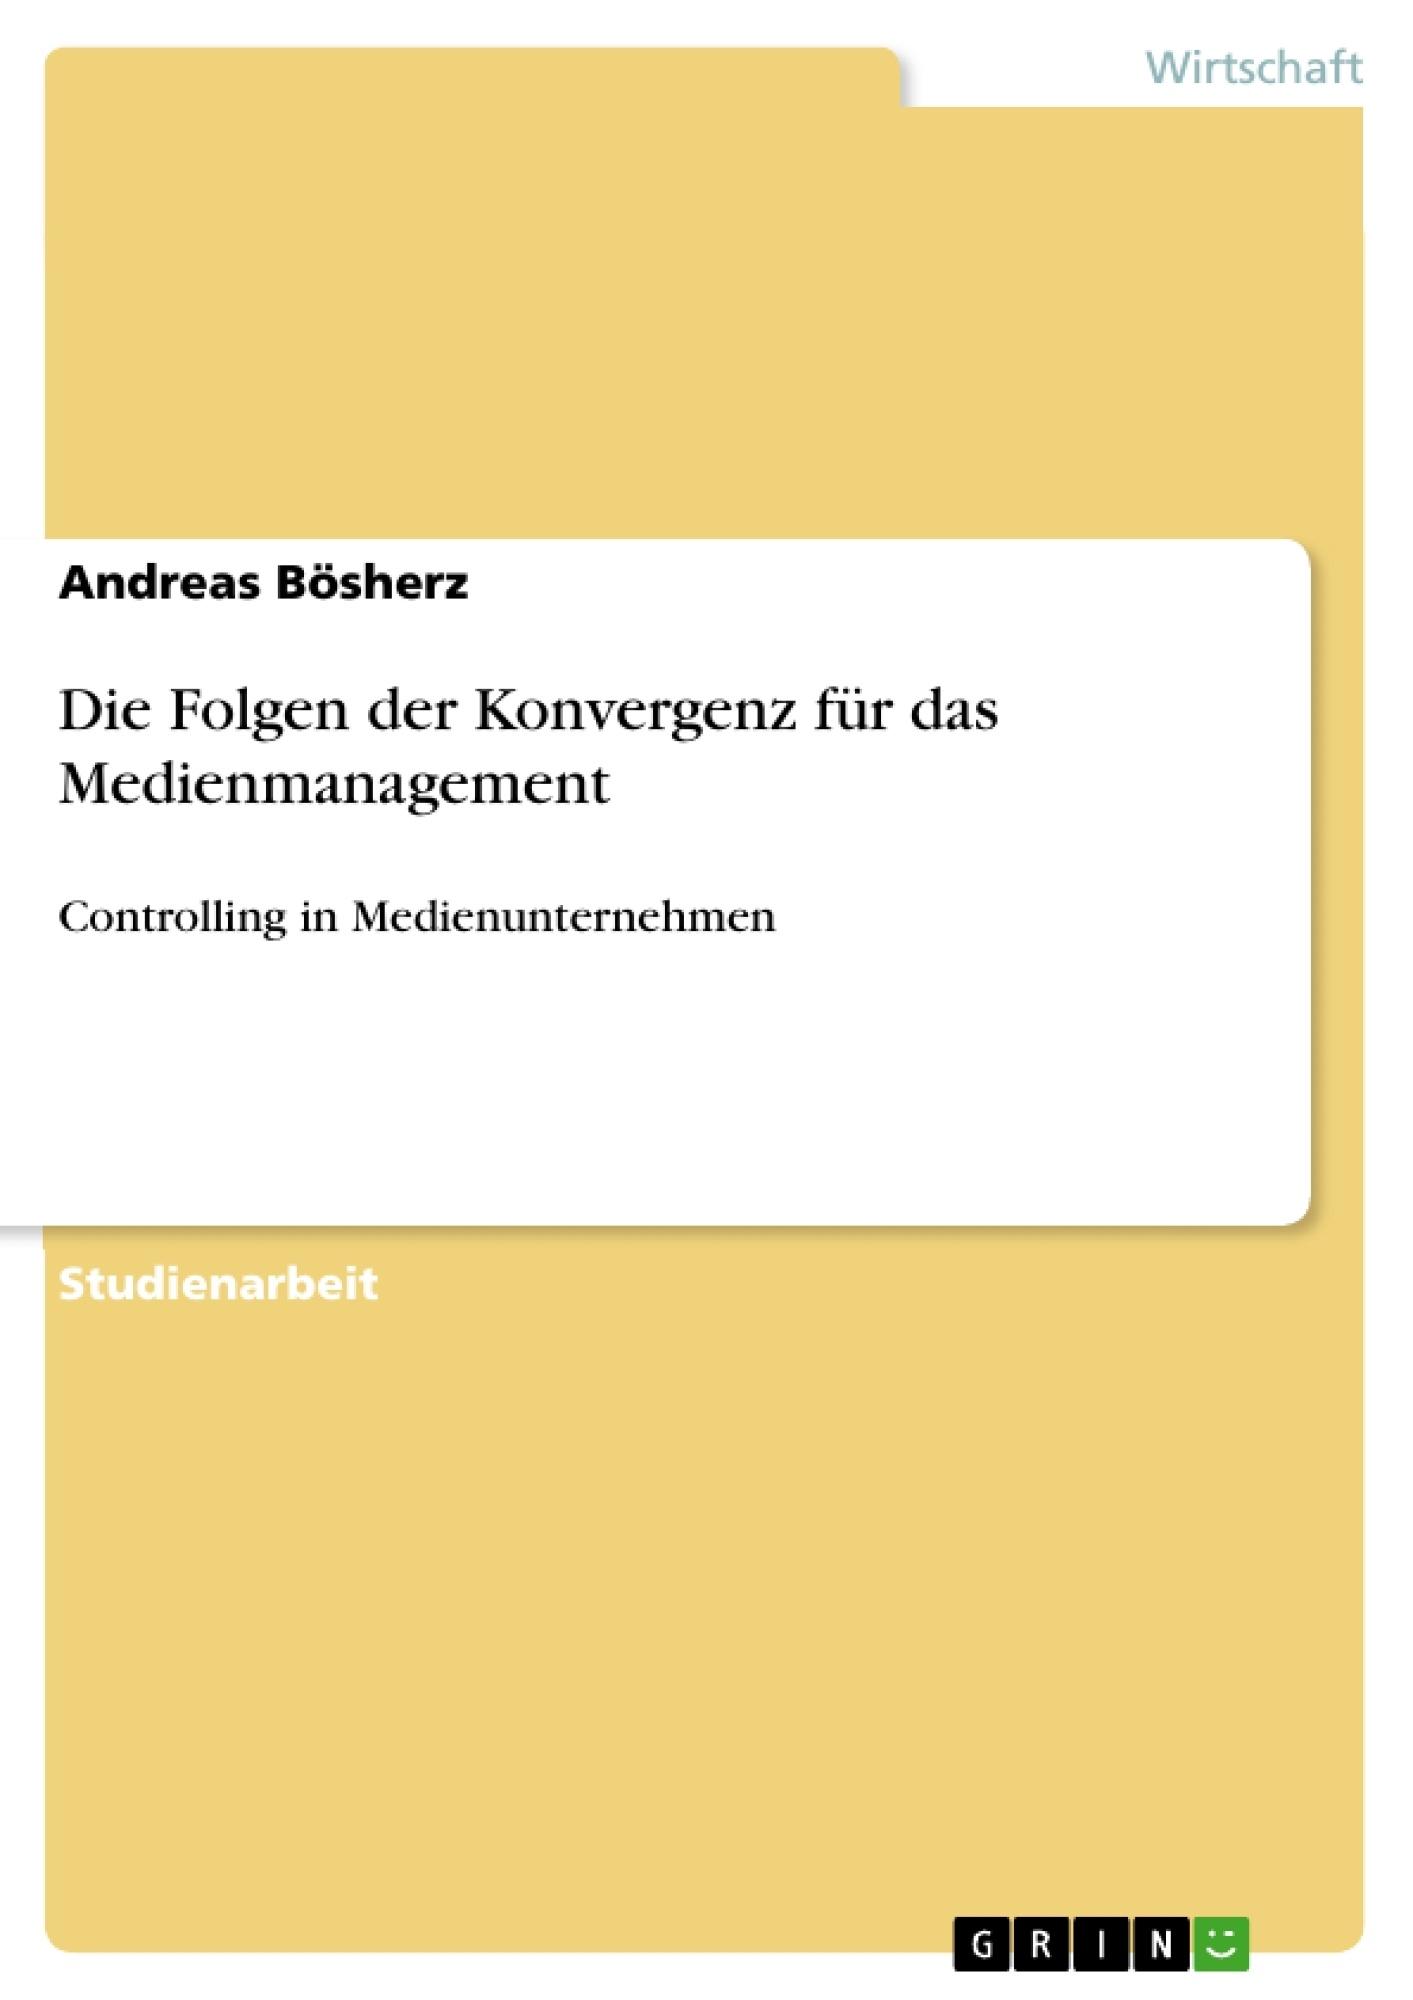 Titel: Die Folgen der Konvergenz für das Medienmanagement